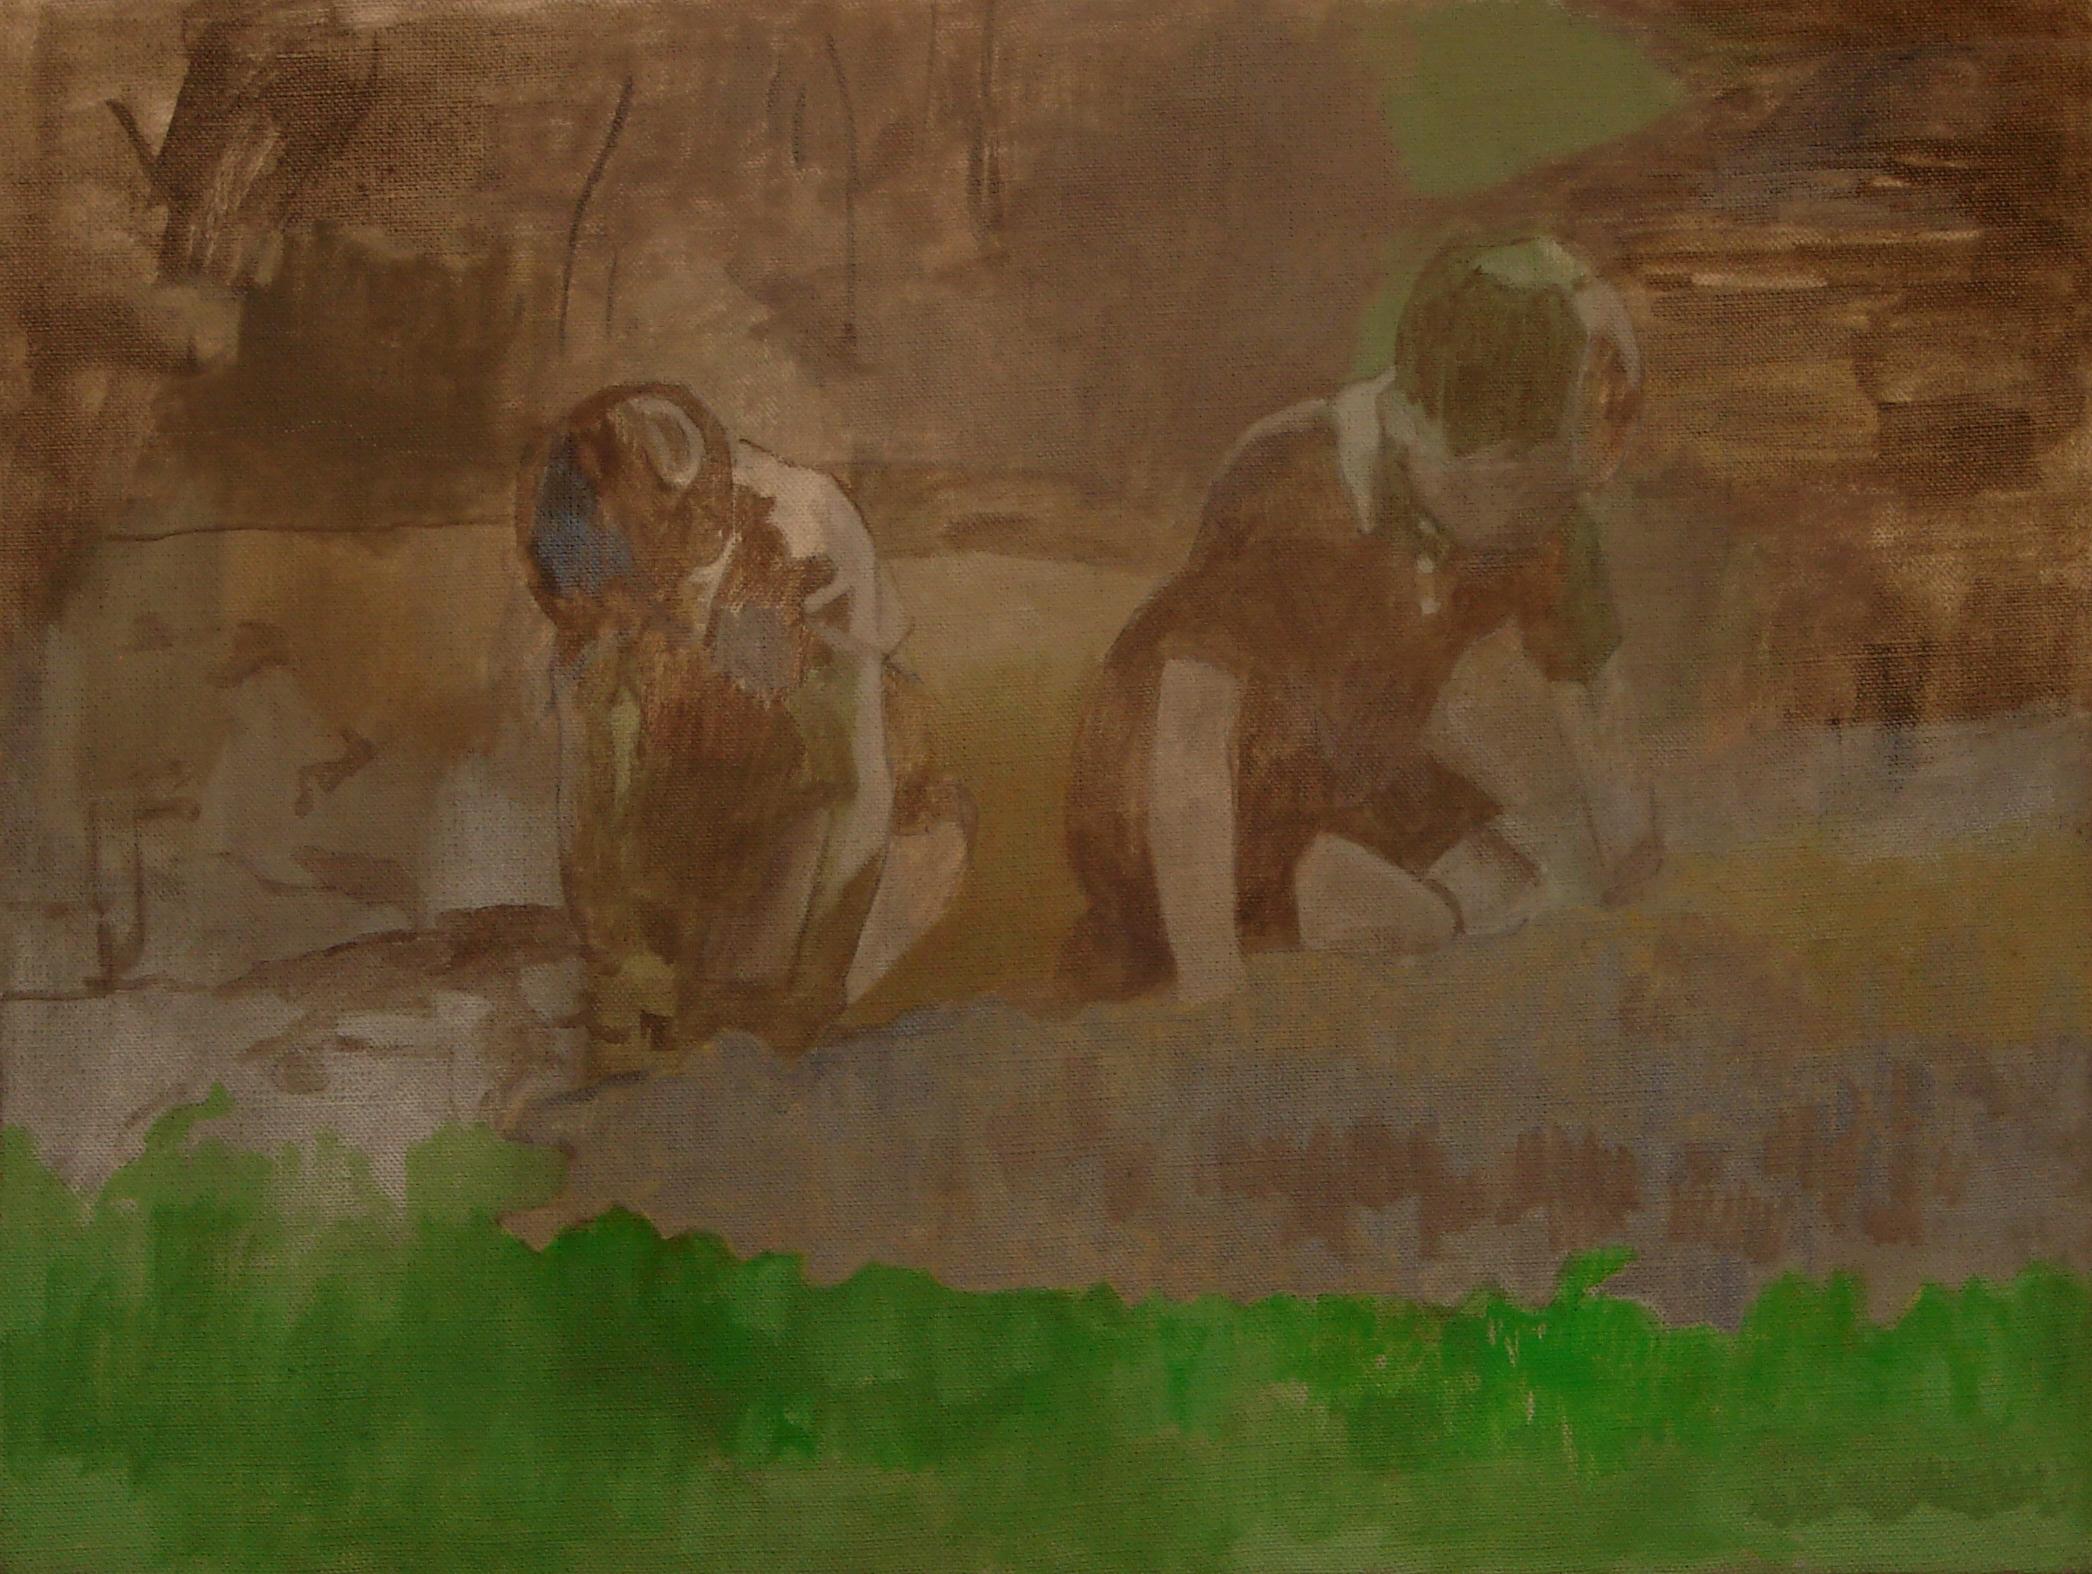 """Ben Walker """"Zahrada pro děti"""" (Garden for children) oil on linen 59cmx74cm £1200"""